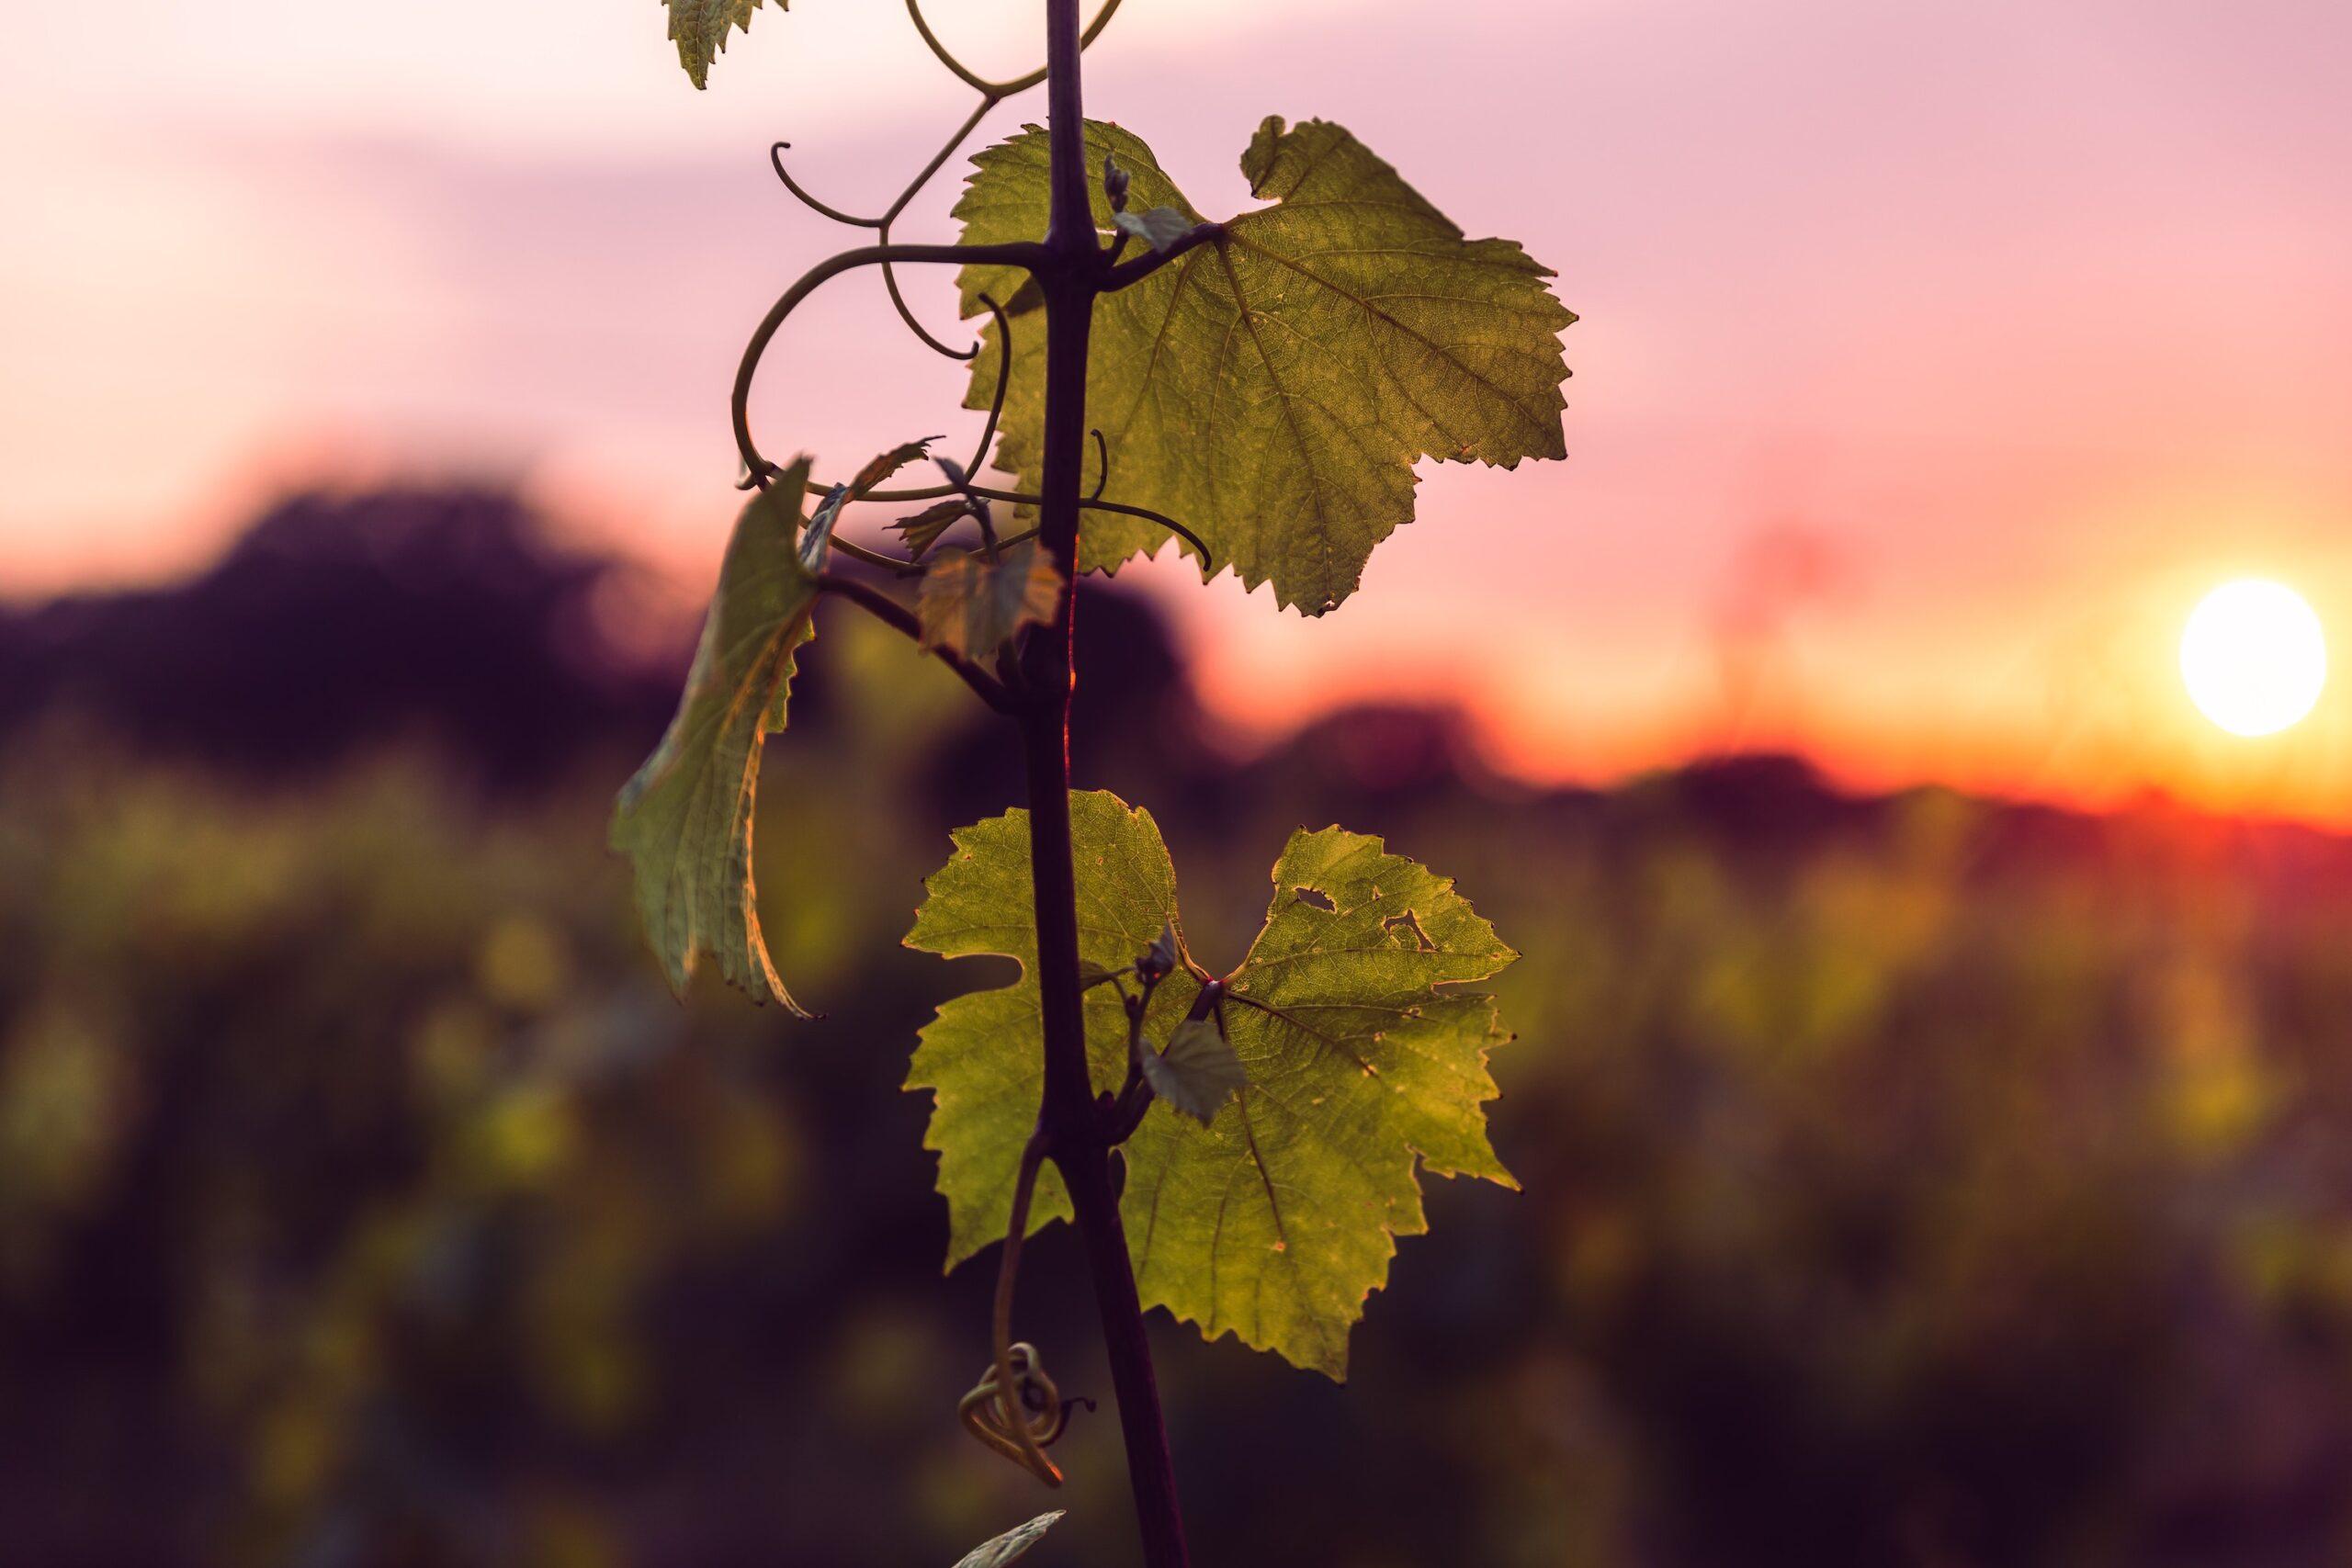 Oxney Organic English wine vineyard 2021 harvest